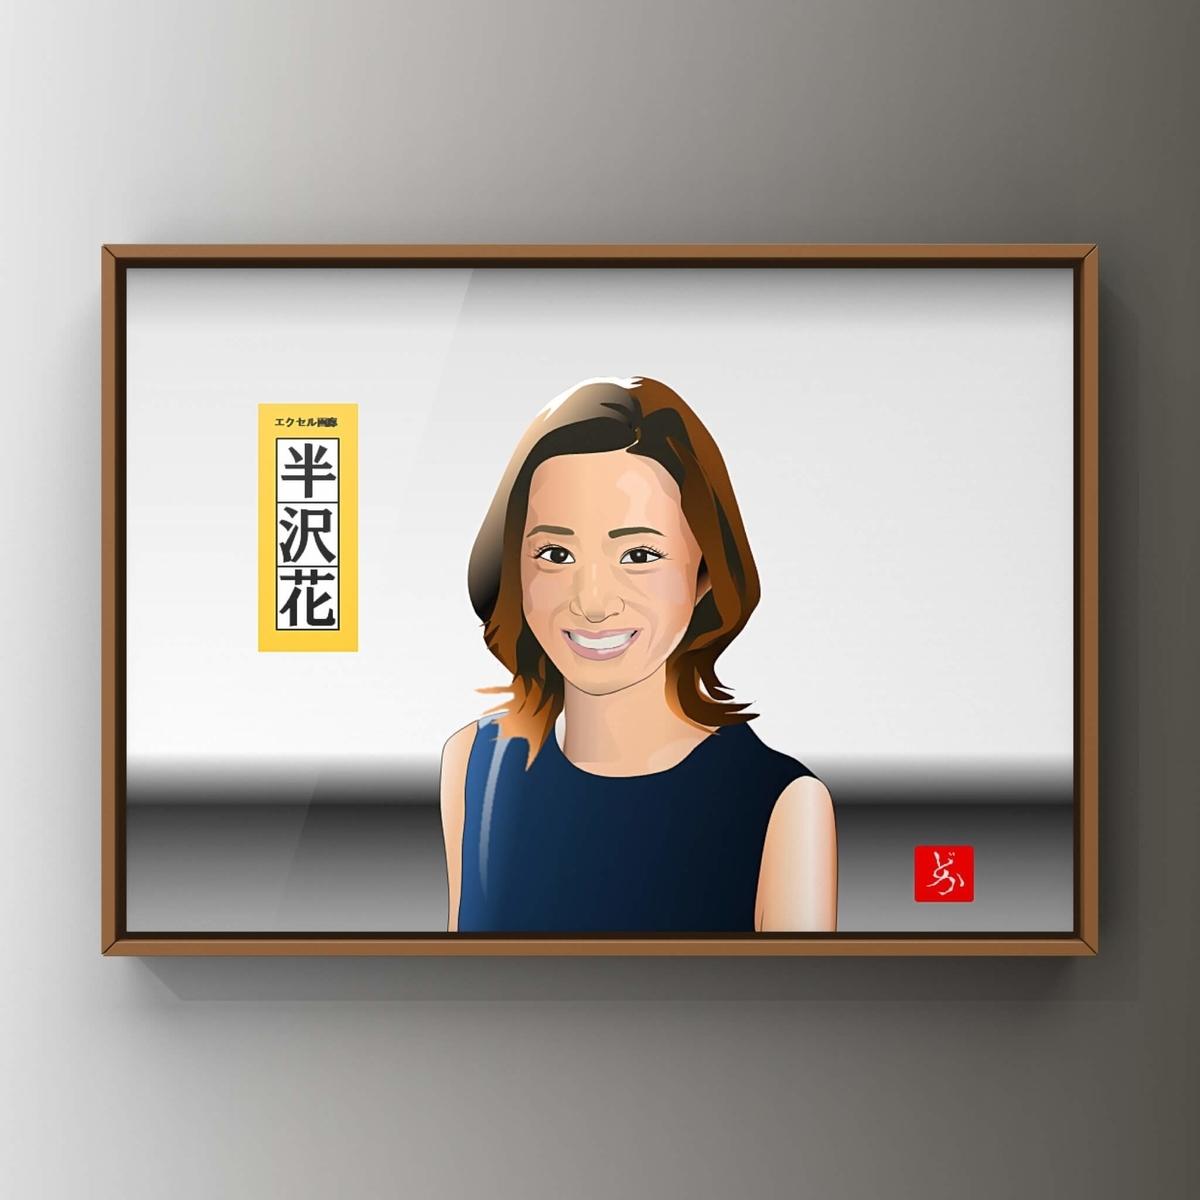 半沢直樹の嫁、半沢花@上戸彩のエクセル画イラスト額装版